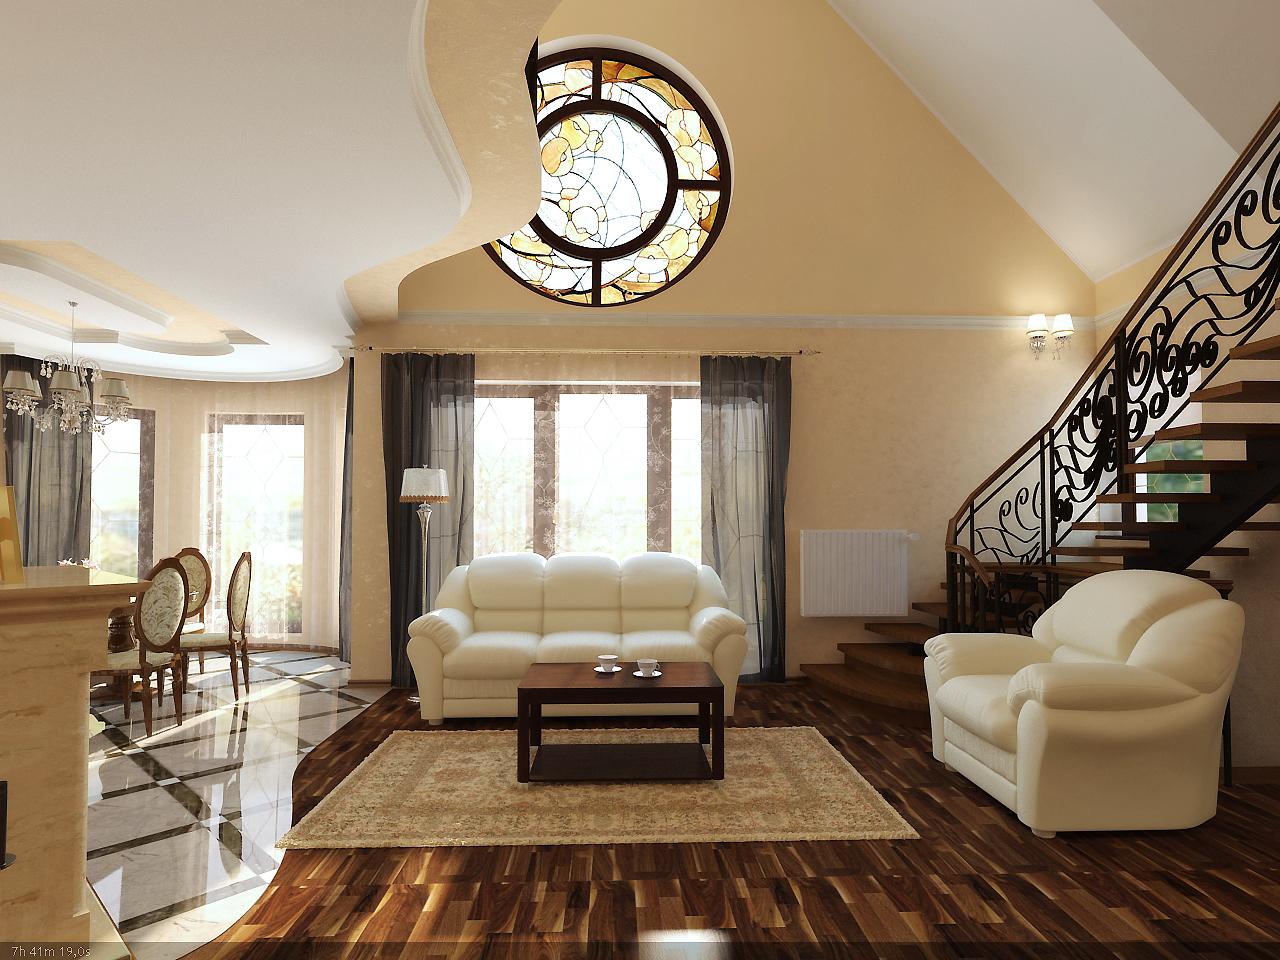 Home Interior Design Style